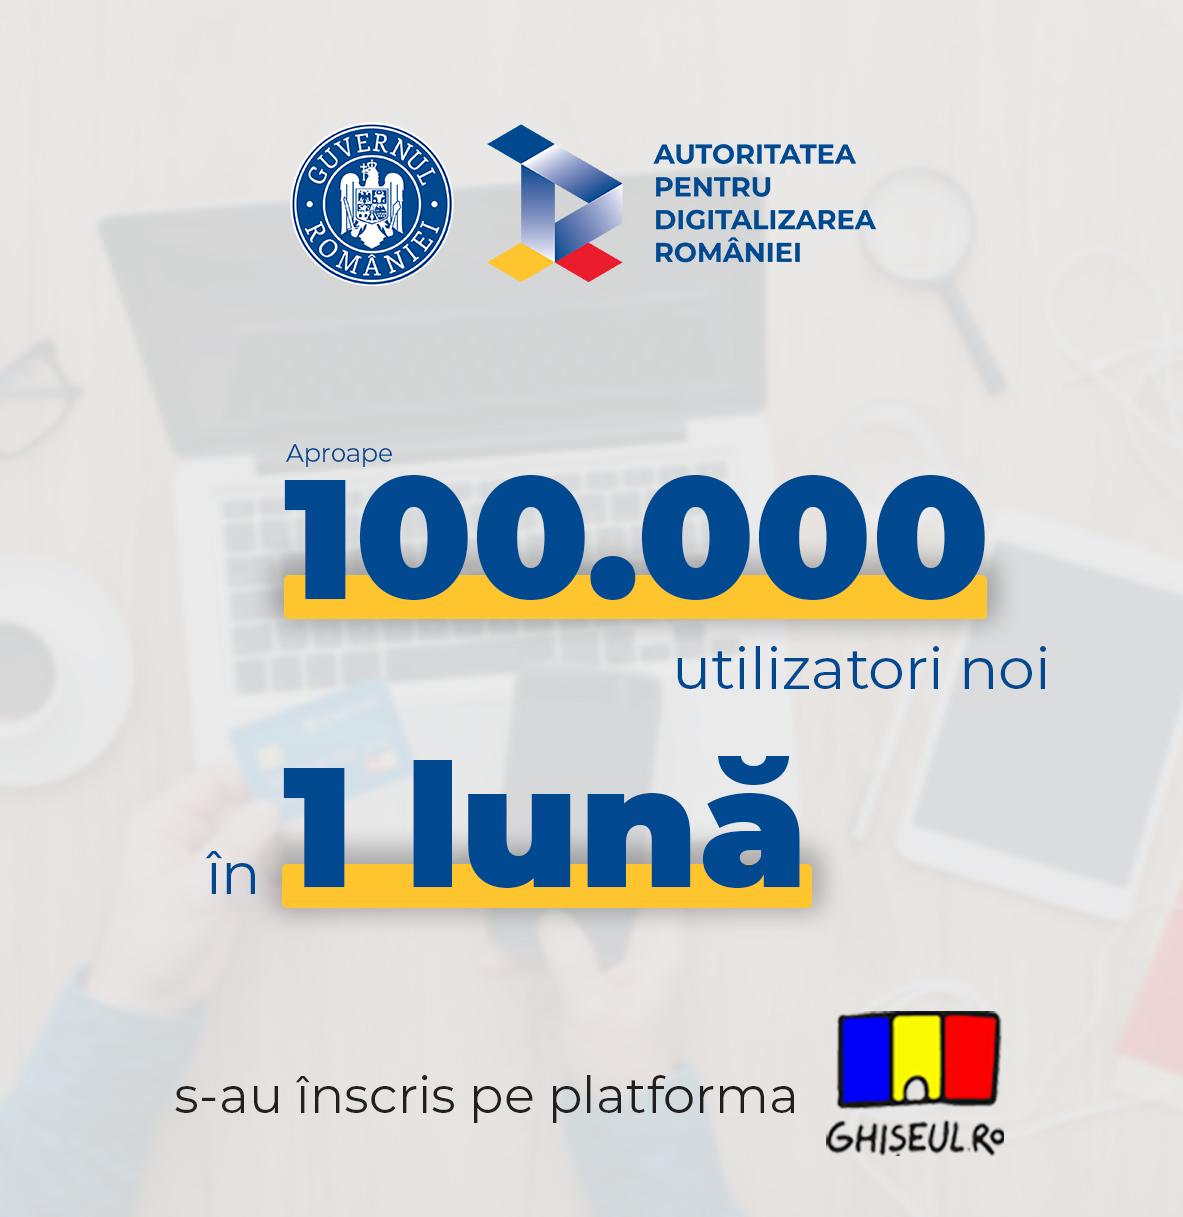 Câți utilizatori noi s-au înscris în luna ianuarie pe platforma Ghișeul.ro